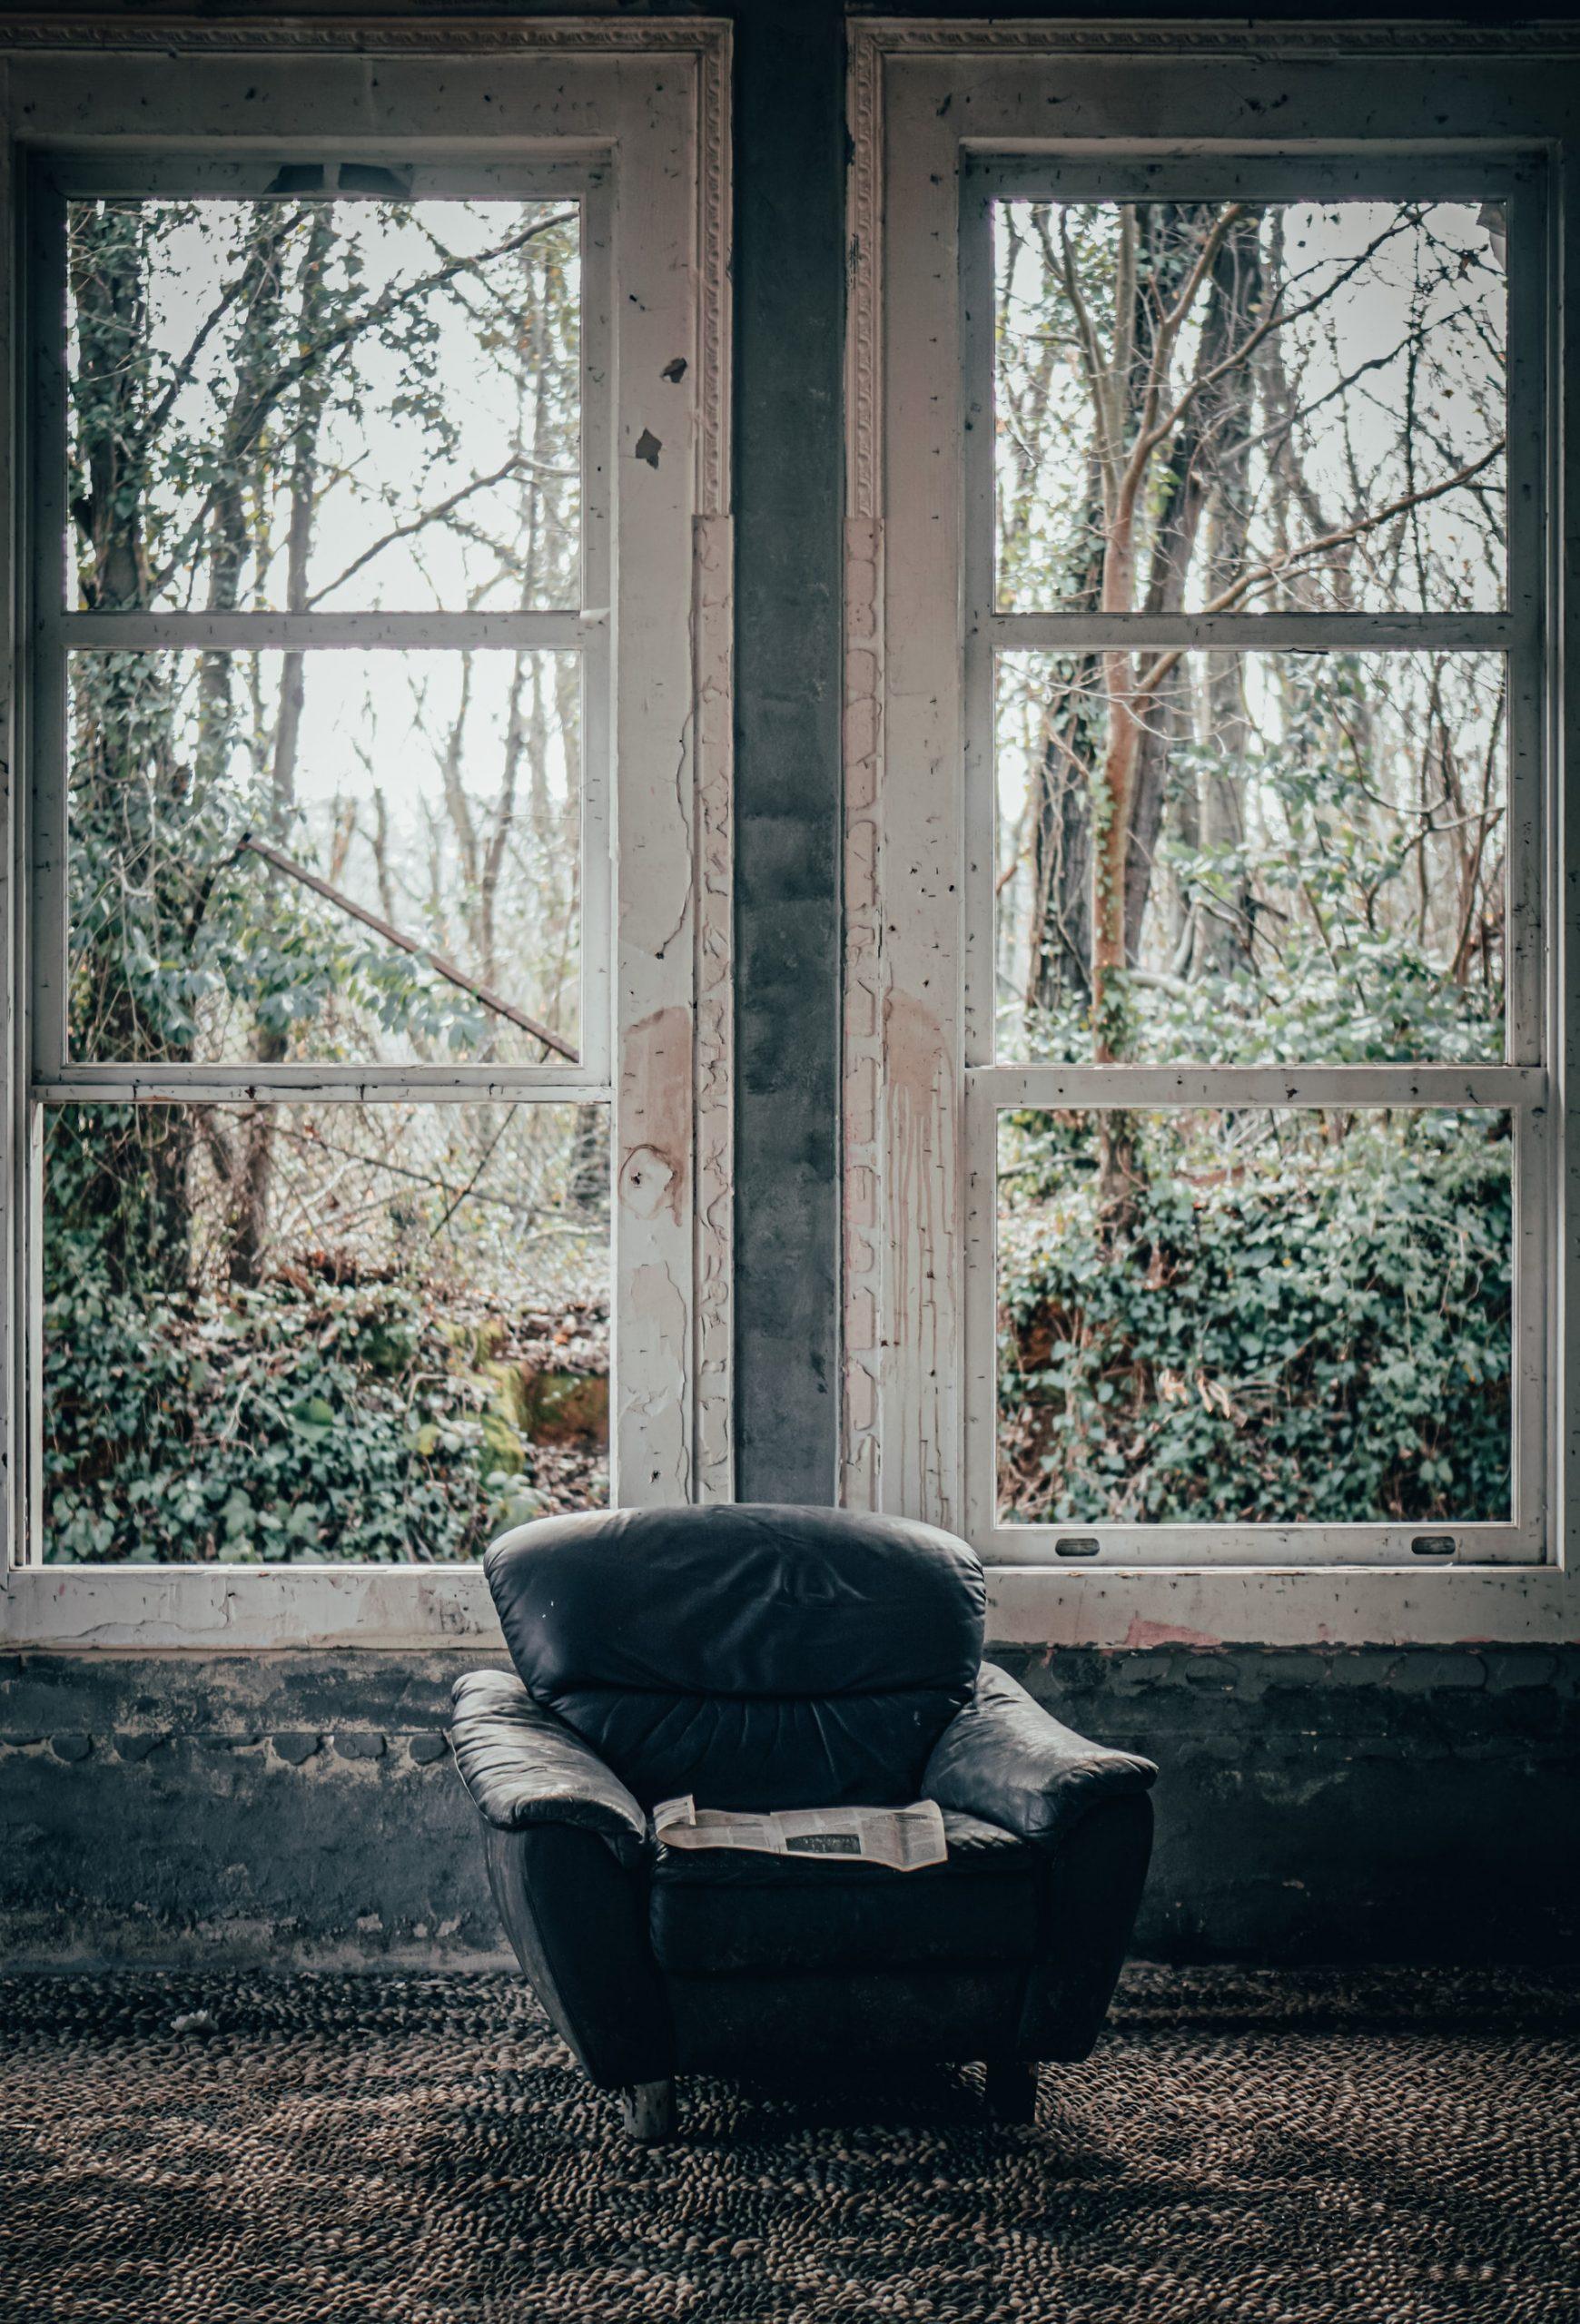 Chair near